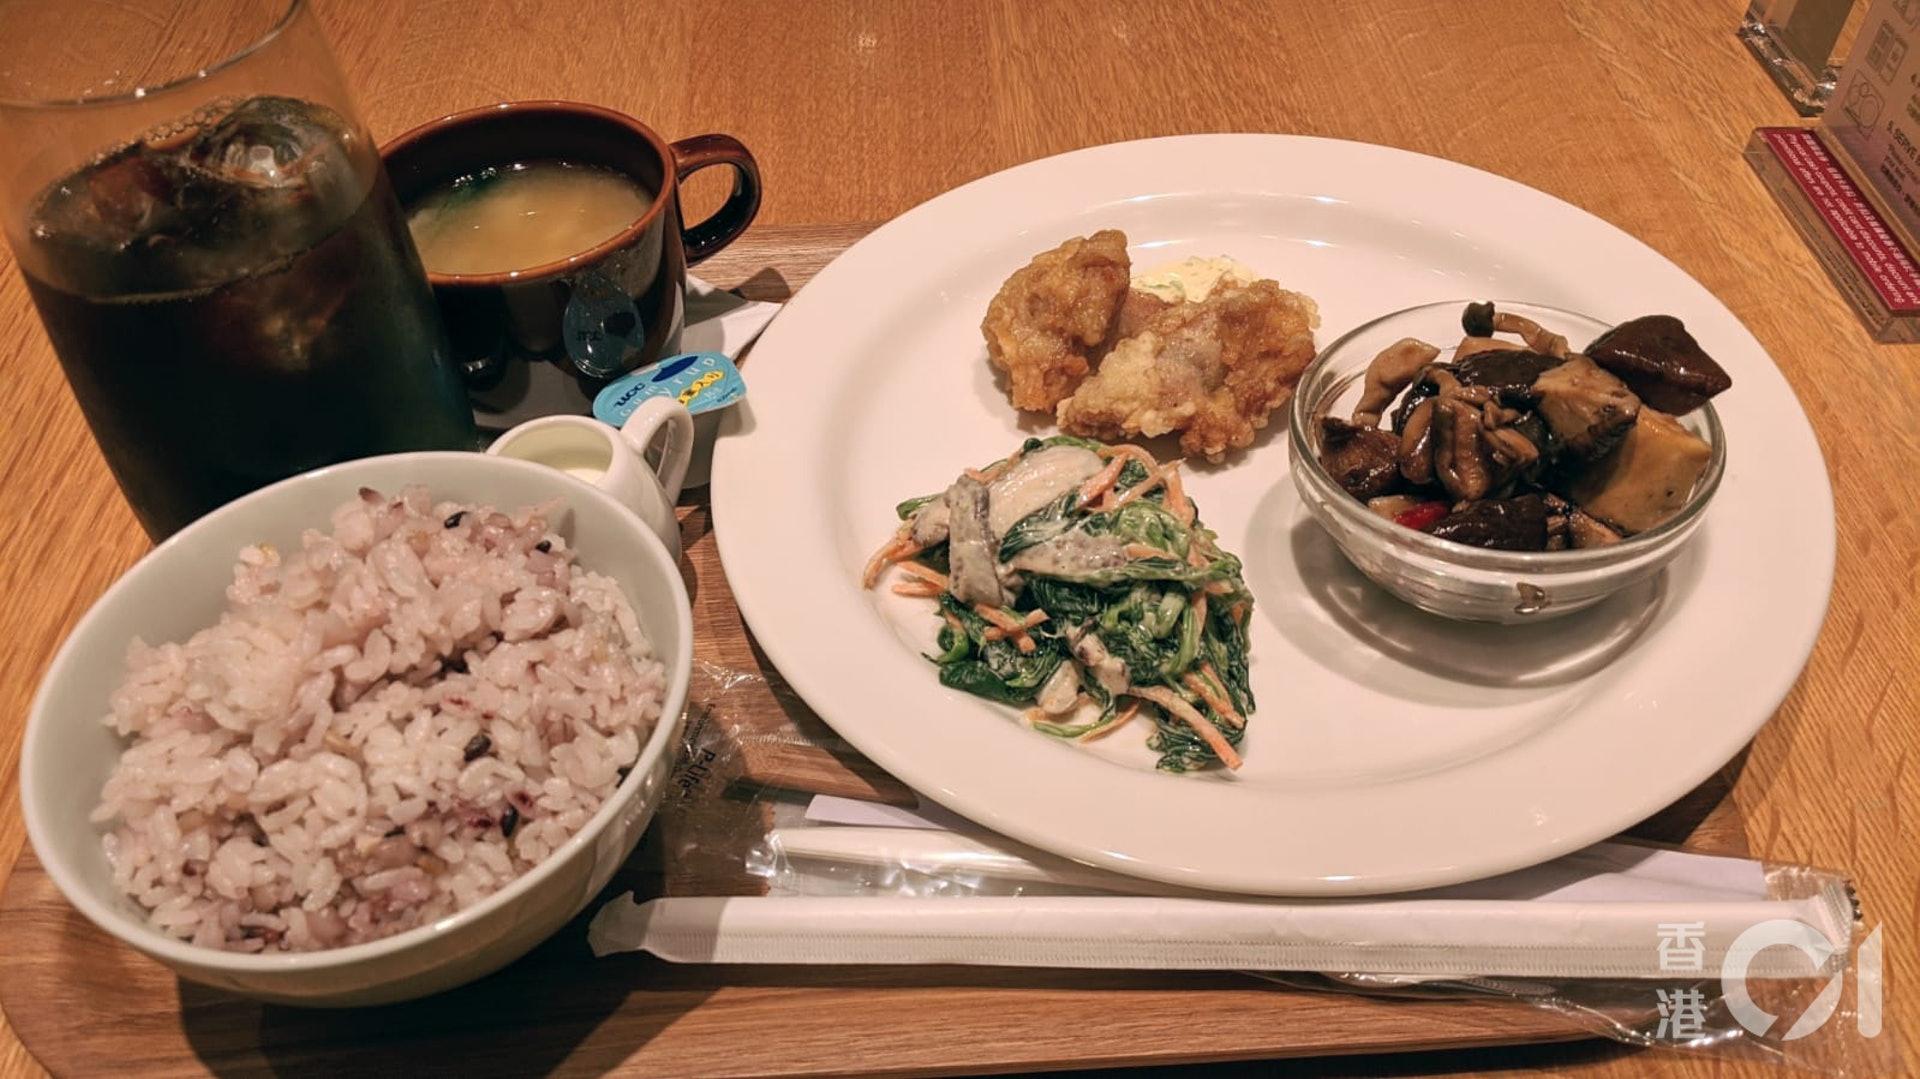 記者推介大家食三品料理,一個套餐可以食到兩款冷盤及一款熱盤,並包括飯及餐湯,十分飽肚。